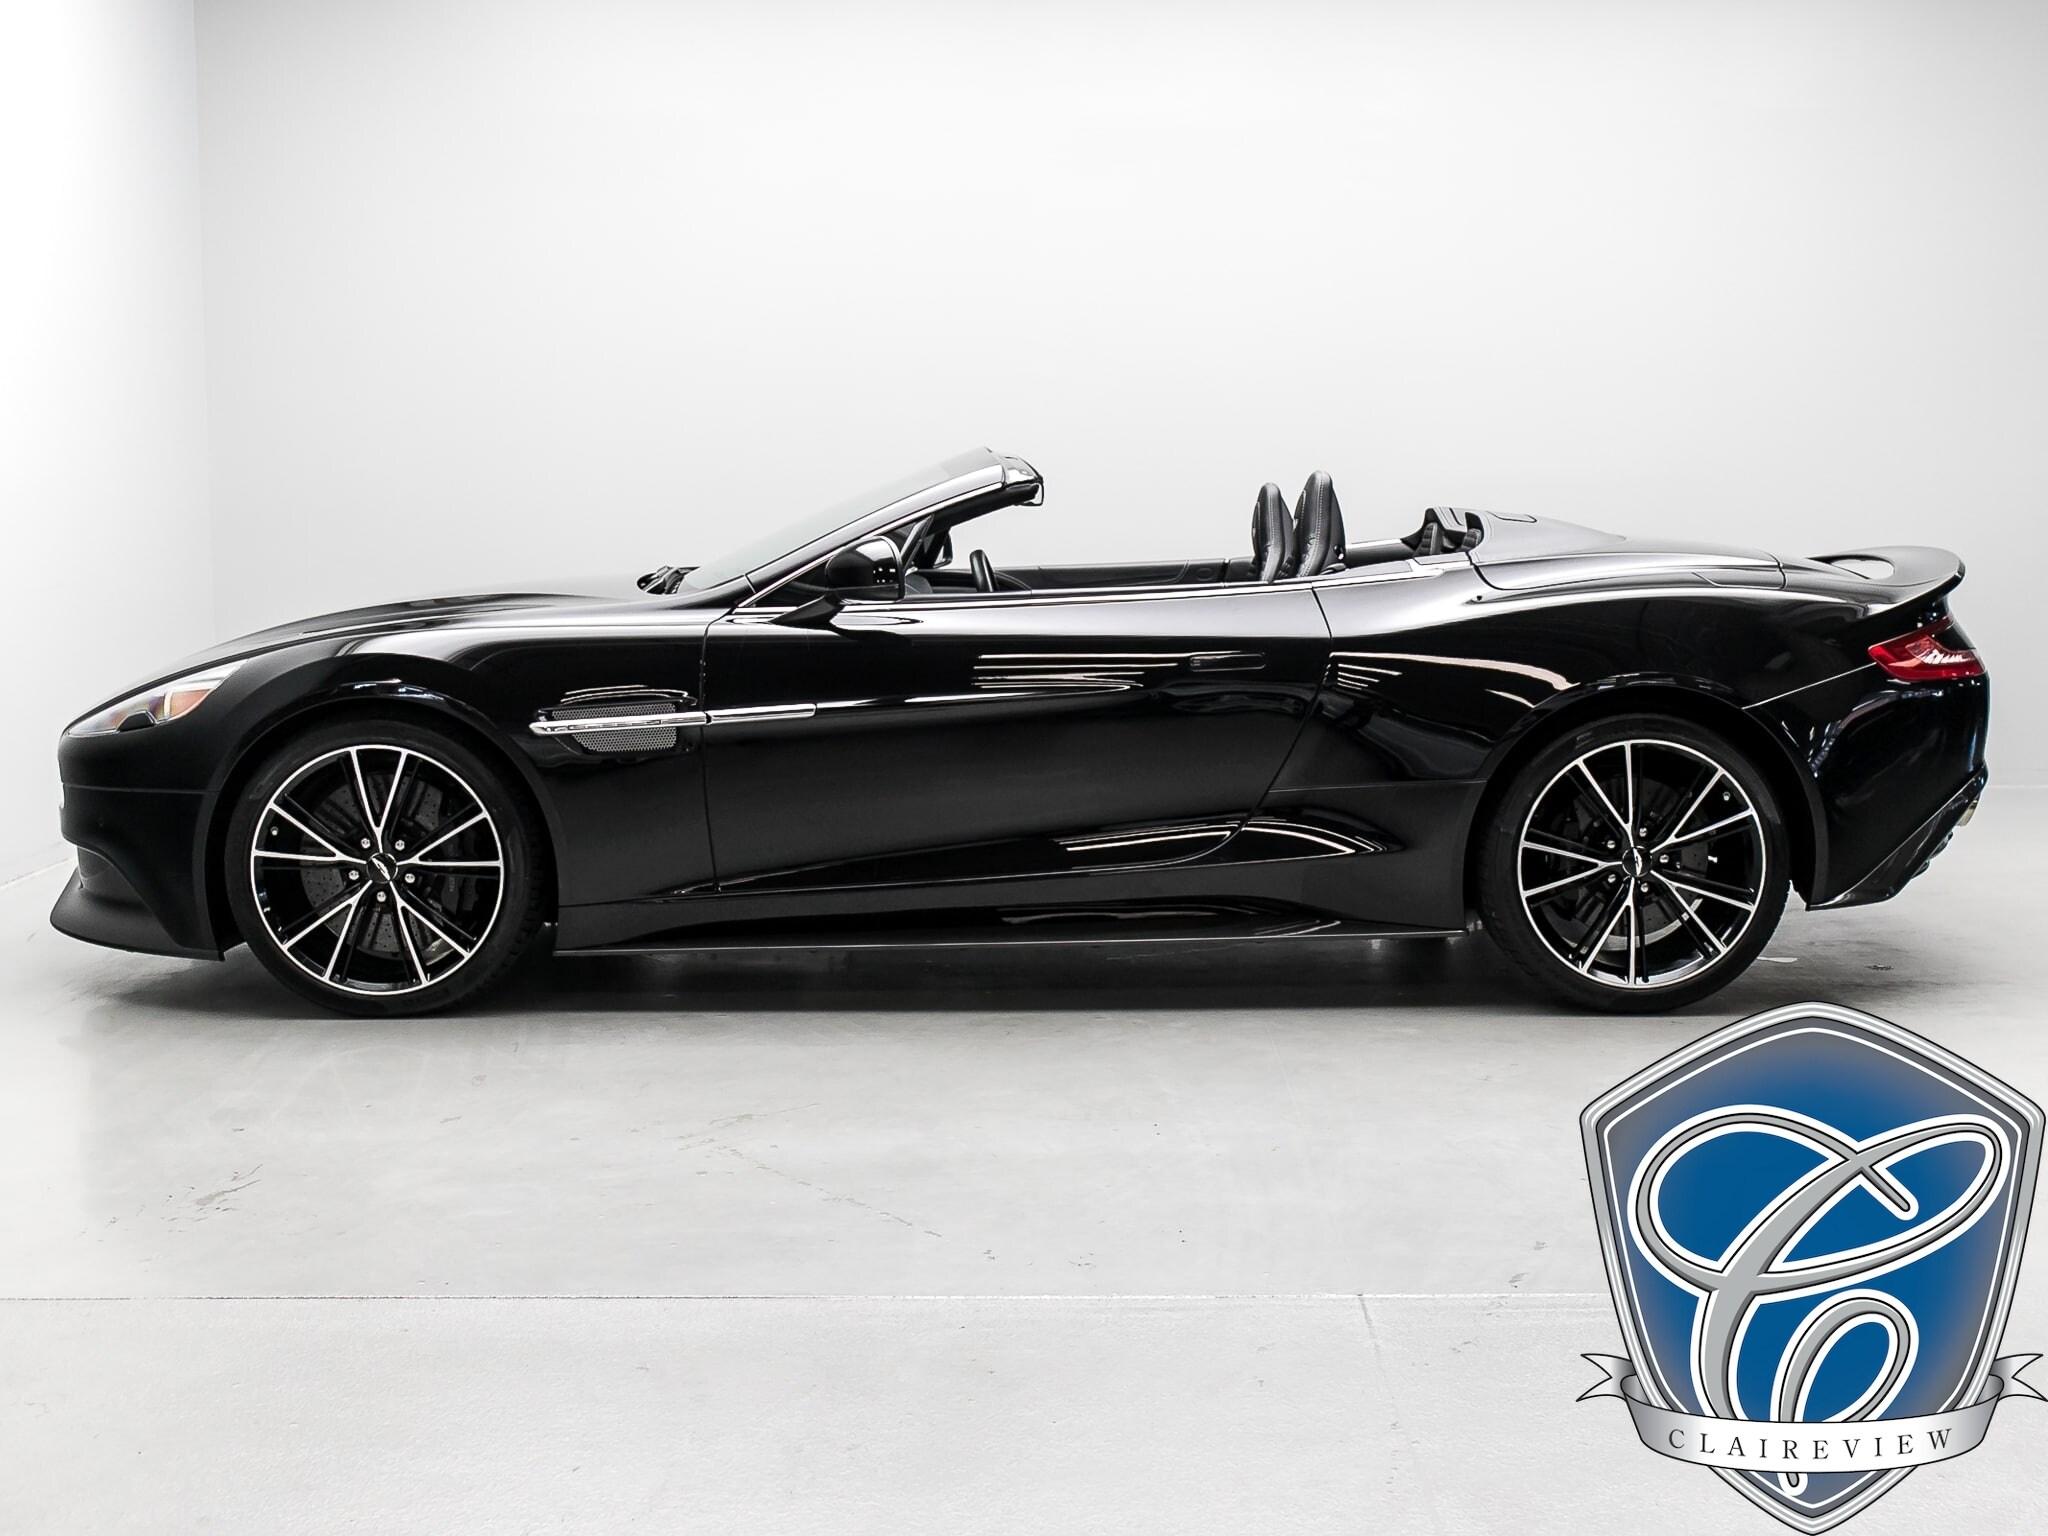 2014 Aston Martin Vanquish Cabriolet, V12 5.9L at 568 HP Cabriolet